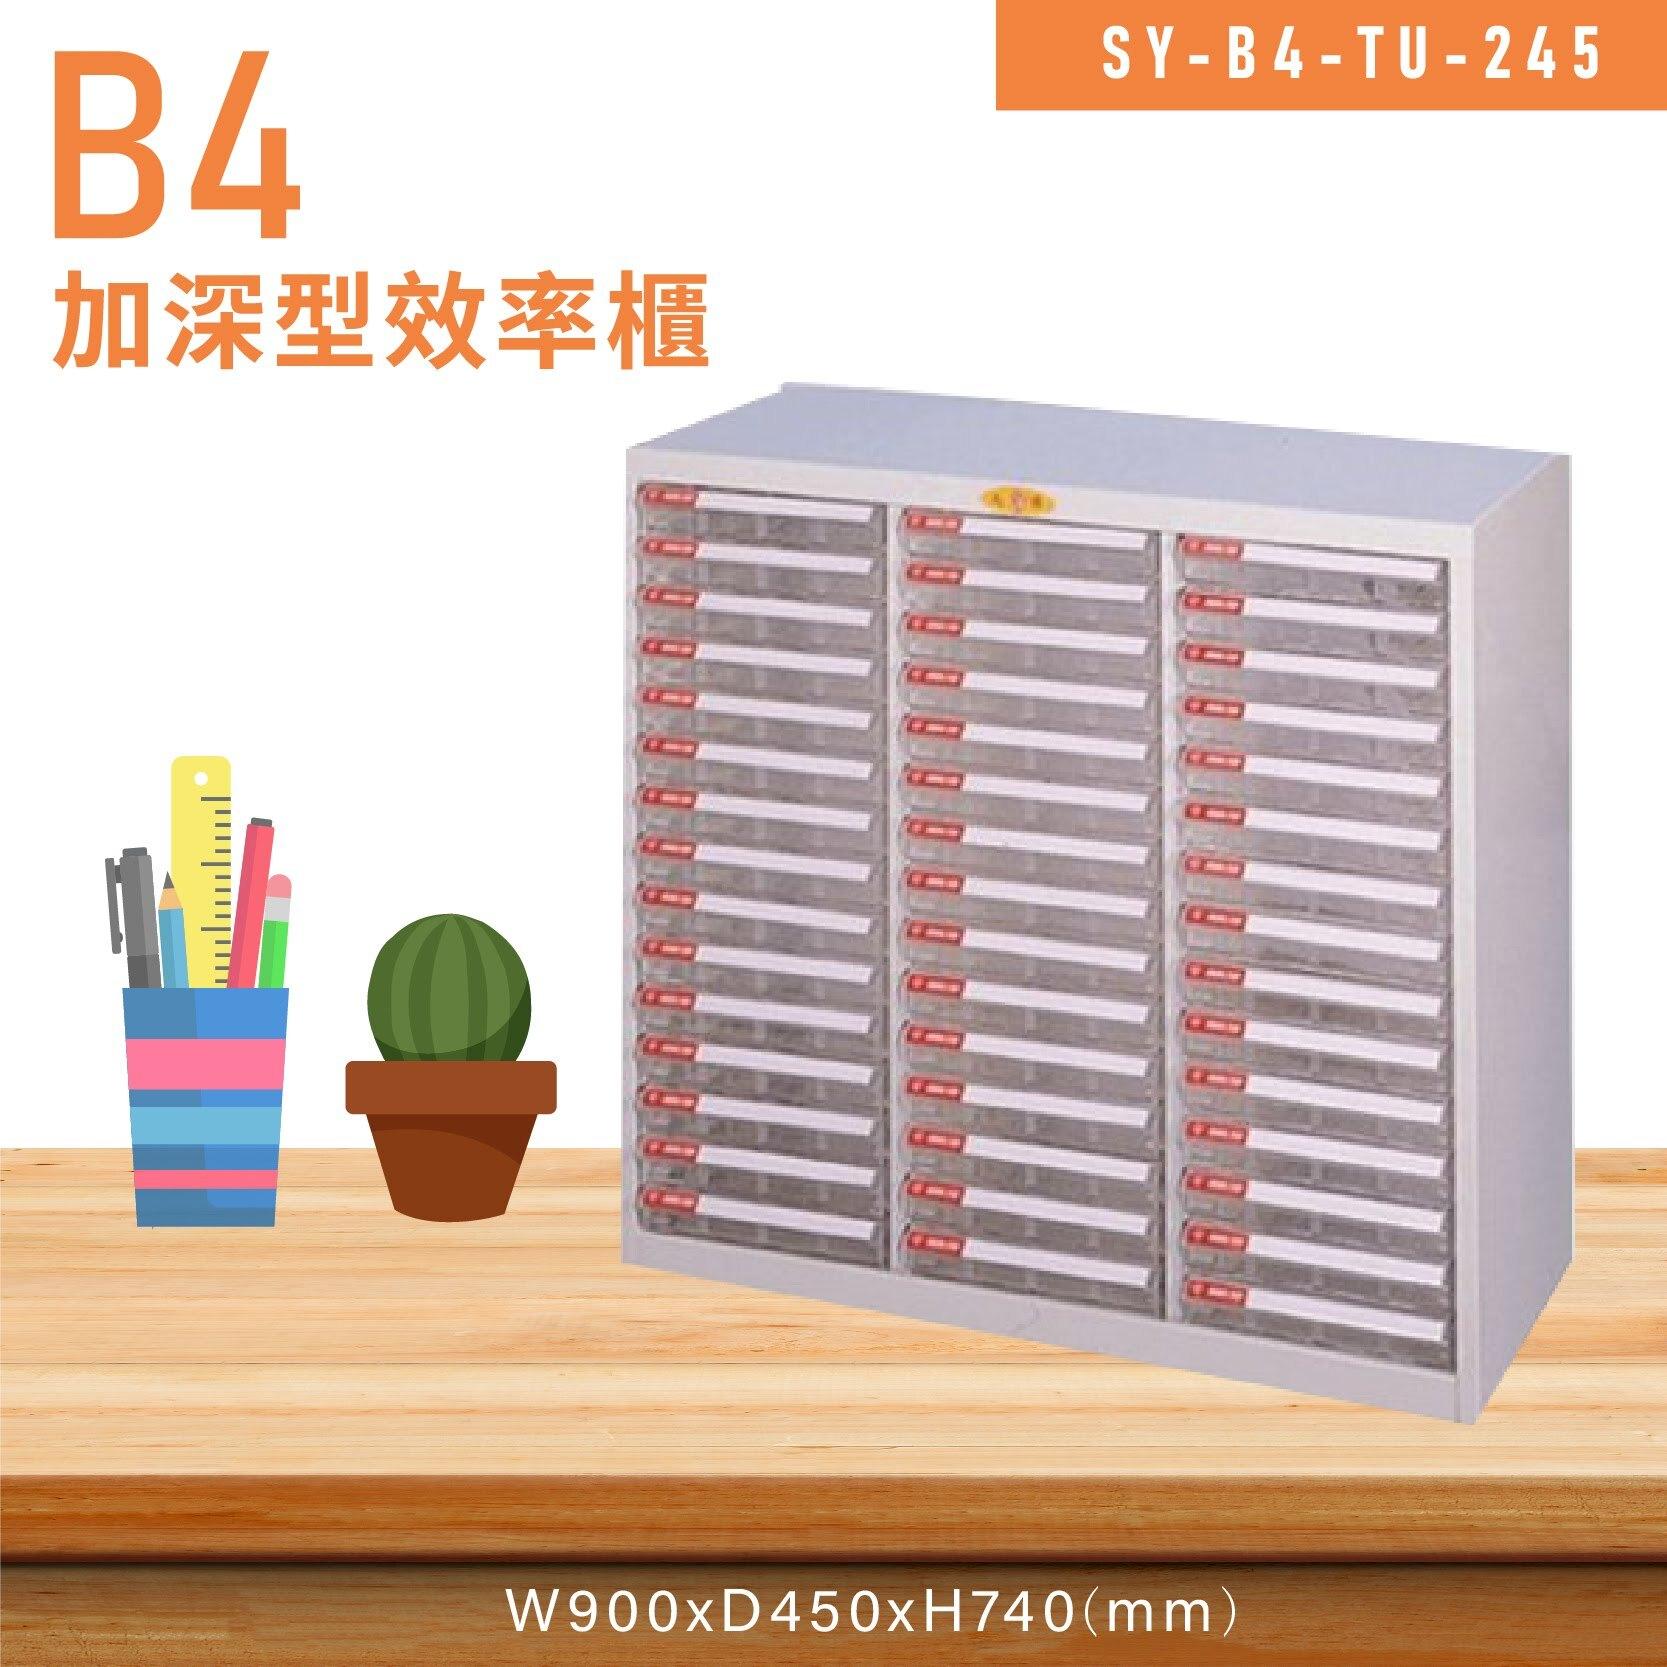 MIT台灣製造【大富】SY-B4-TU-245特大型抽屜綜合效率櫃 收納櫃 文件櫃 公文櫃 資料櫃 置物櫃 收納置物櫃